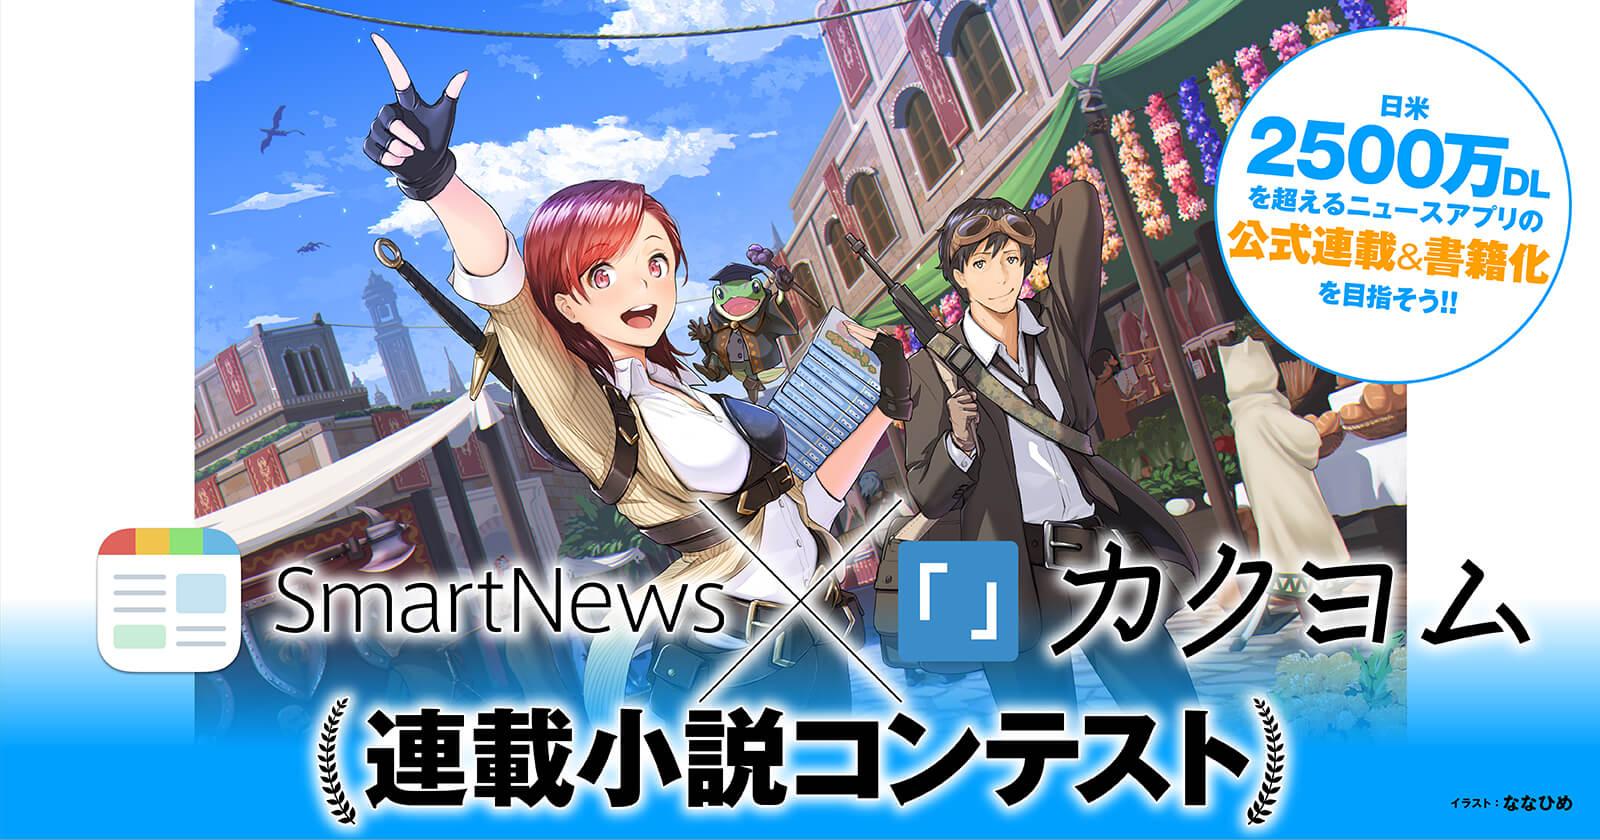 スマートニュース×カクヨム「連載小説コンテスト」